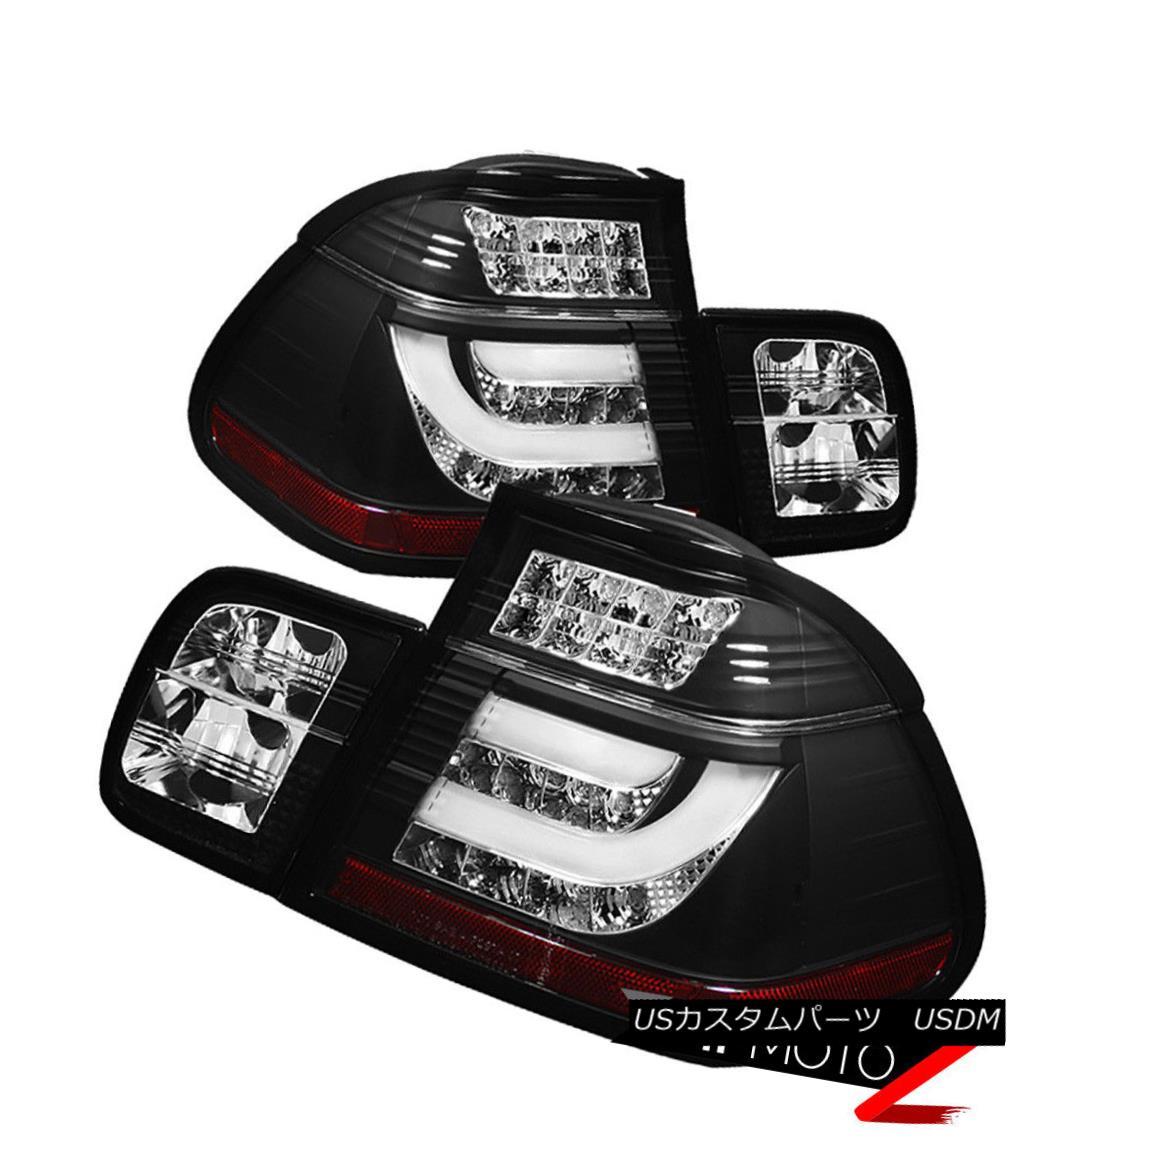 テールライト 02-05 BMW E46 3-Series 4DR Tail Light Black LED STRIP Signal Brake Pair LH RH 02-05 BMW E46 3シリーズ4DRテールライトブラックLED STRIP信号ブレーキペアLH RH